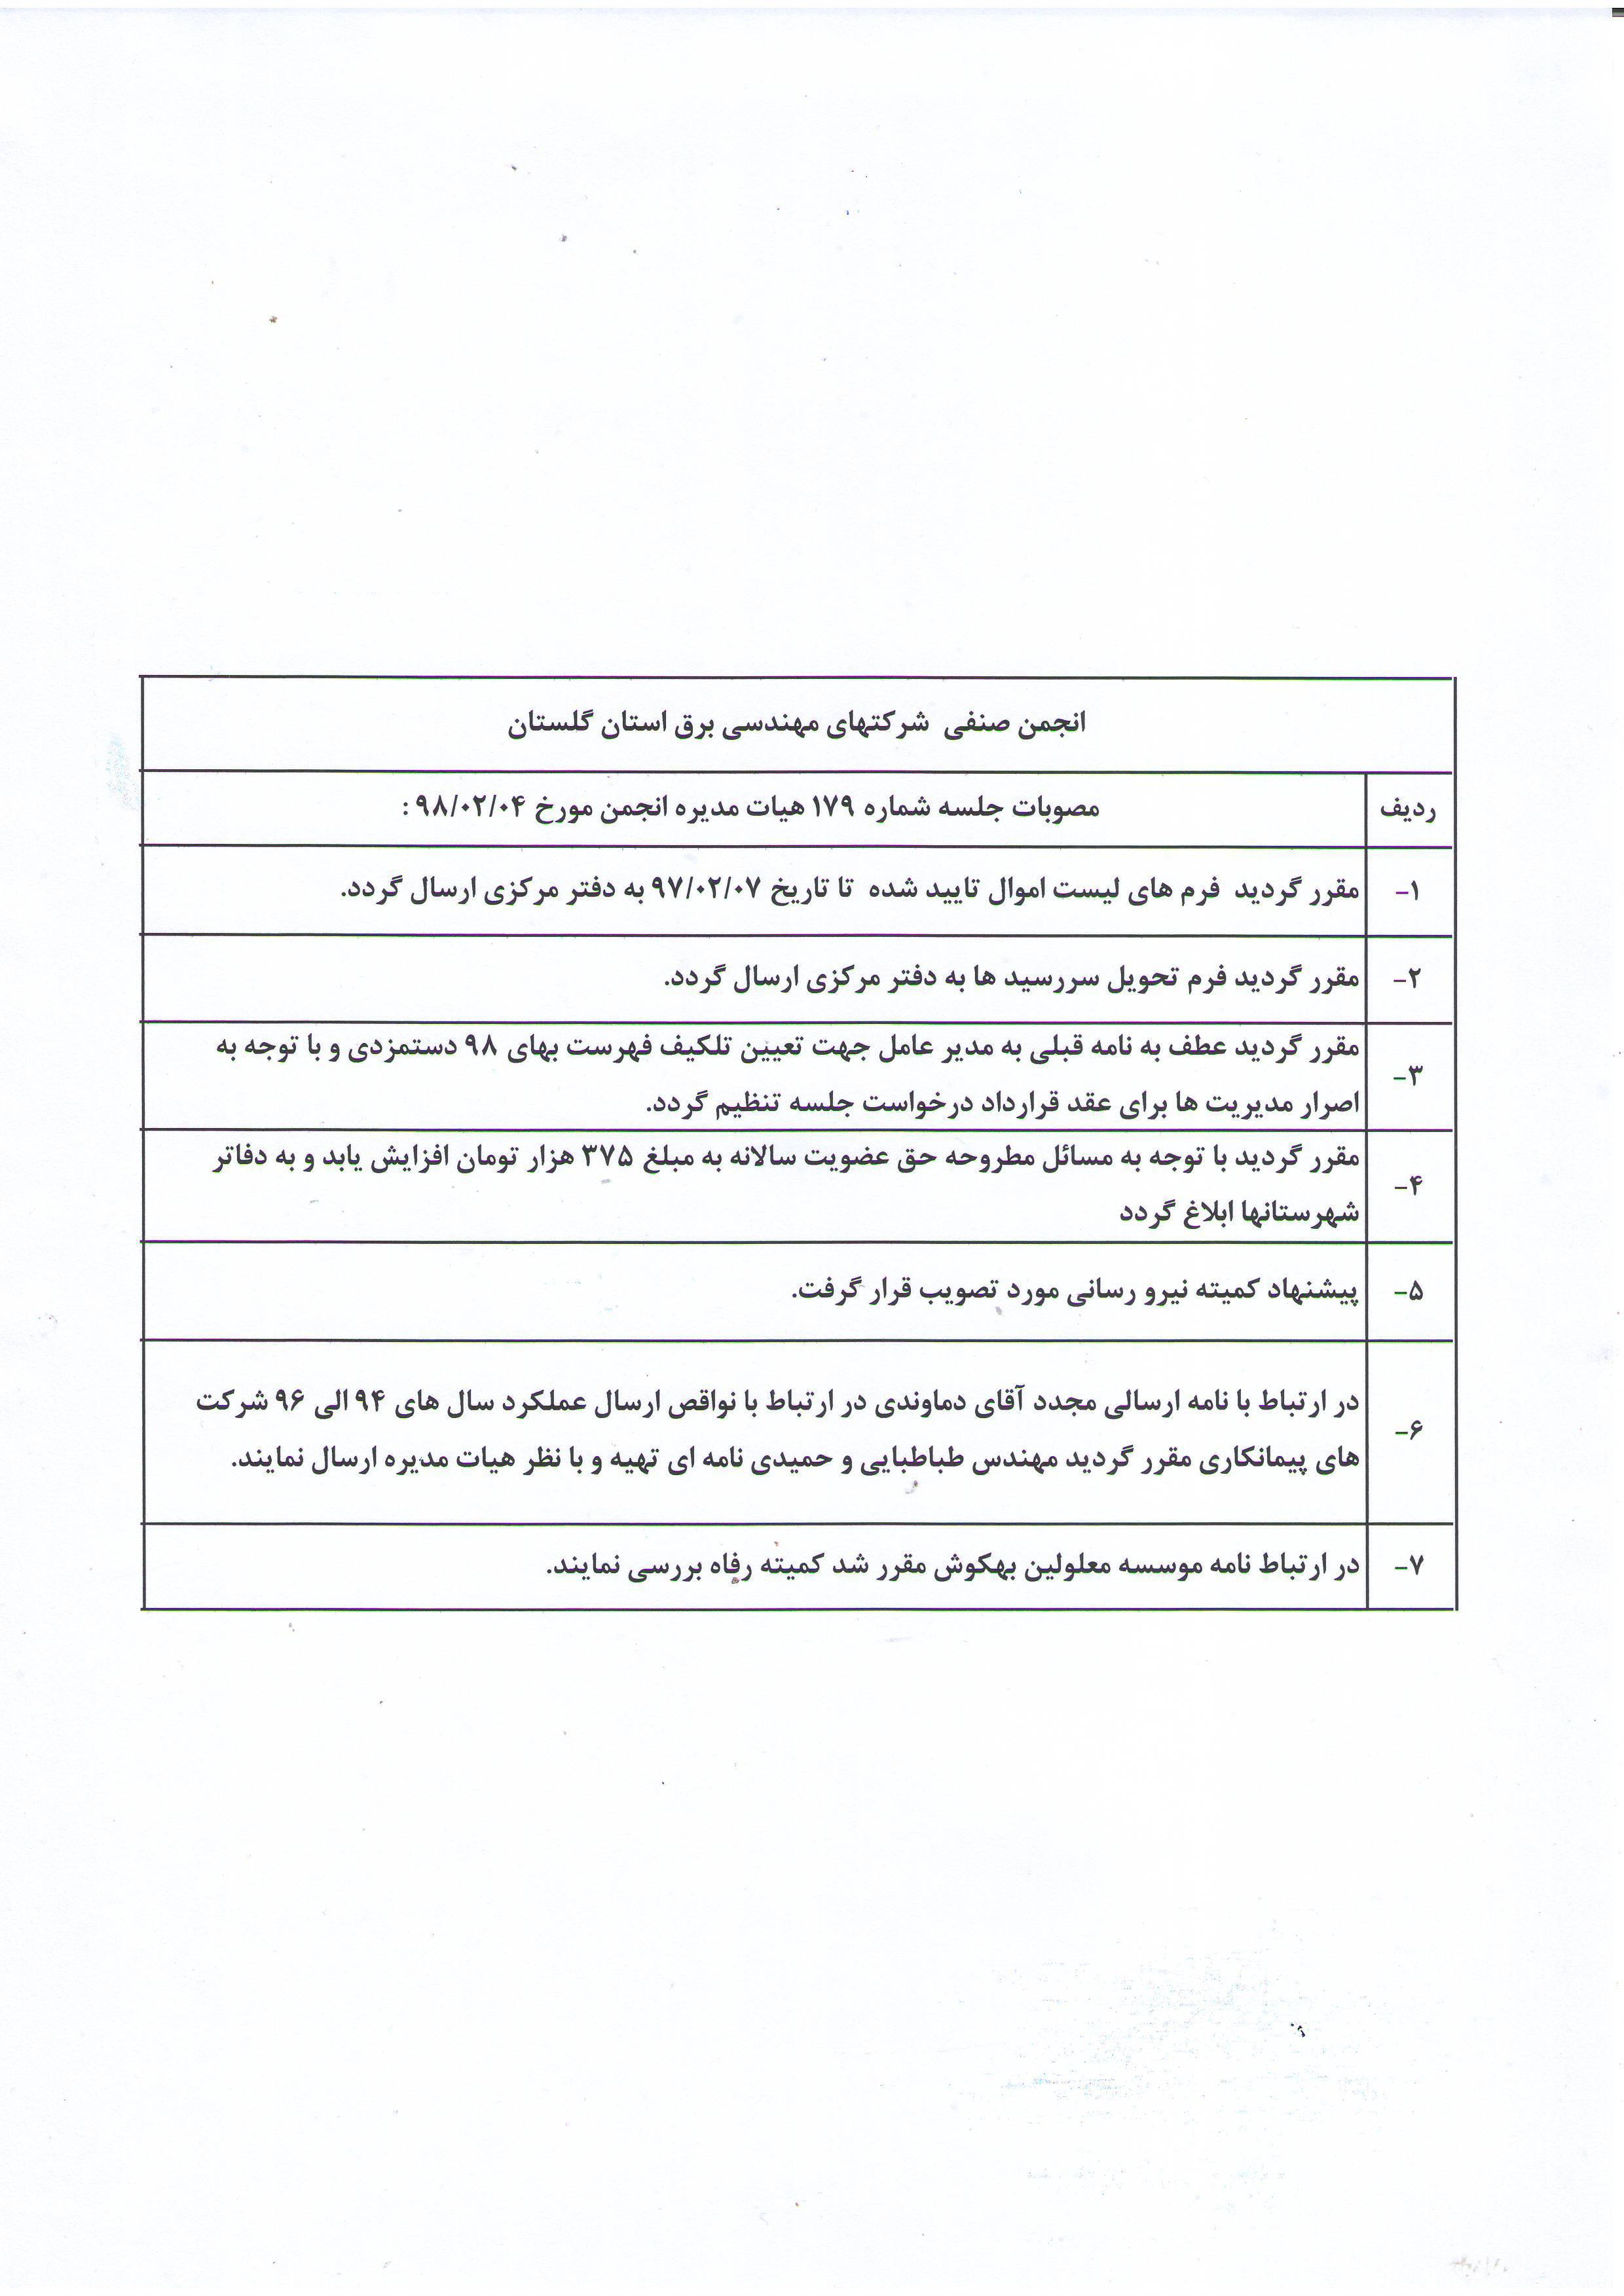 جلسه هیات مدیره مورخ 98/02/04